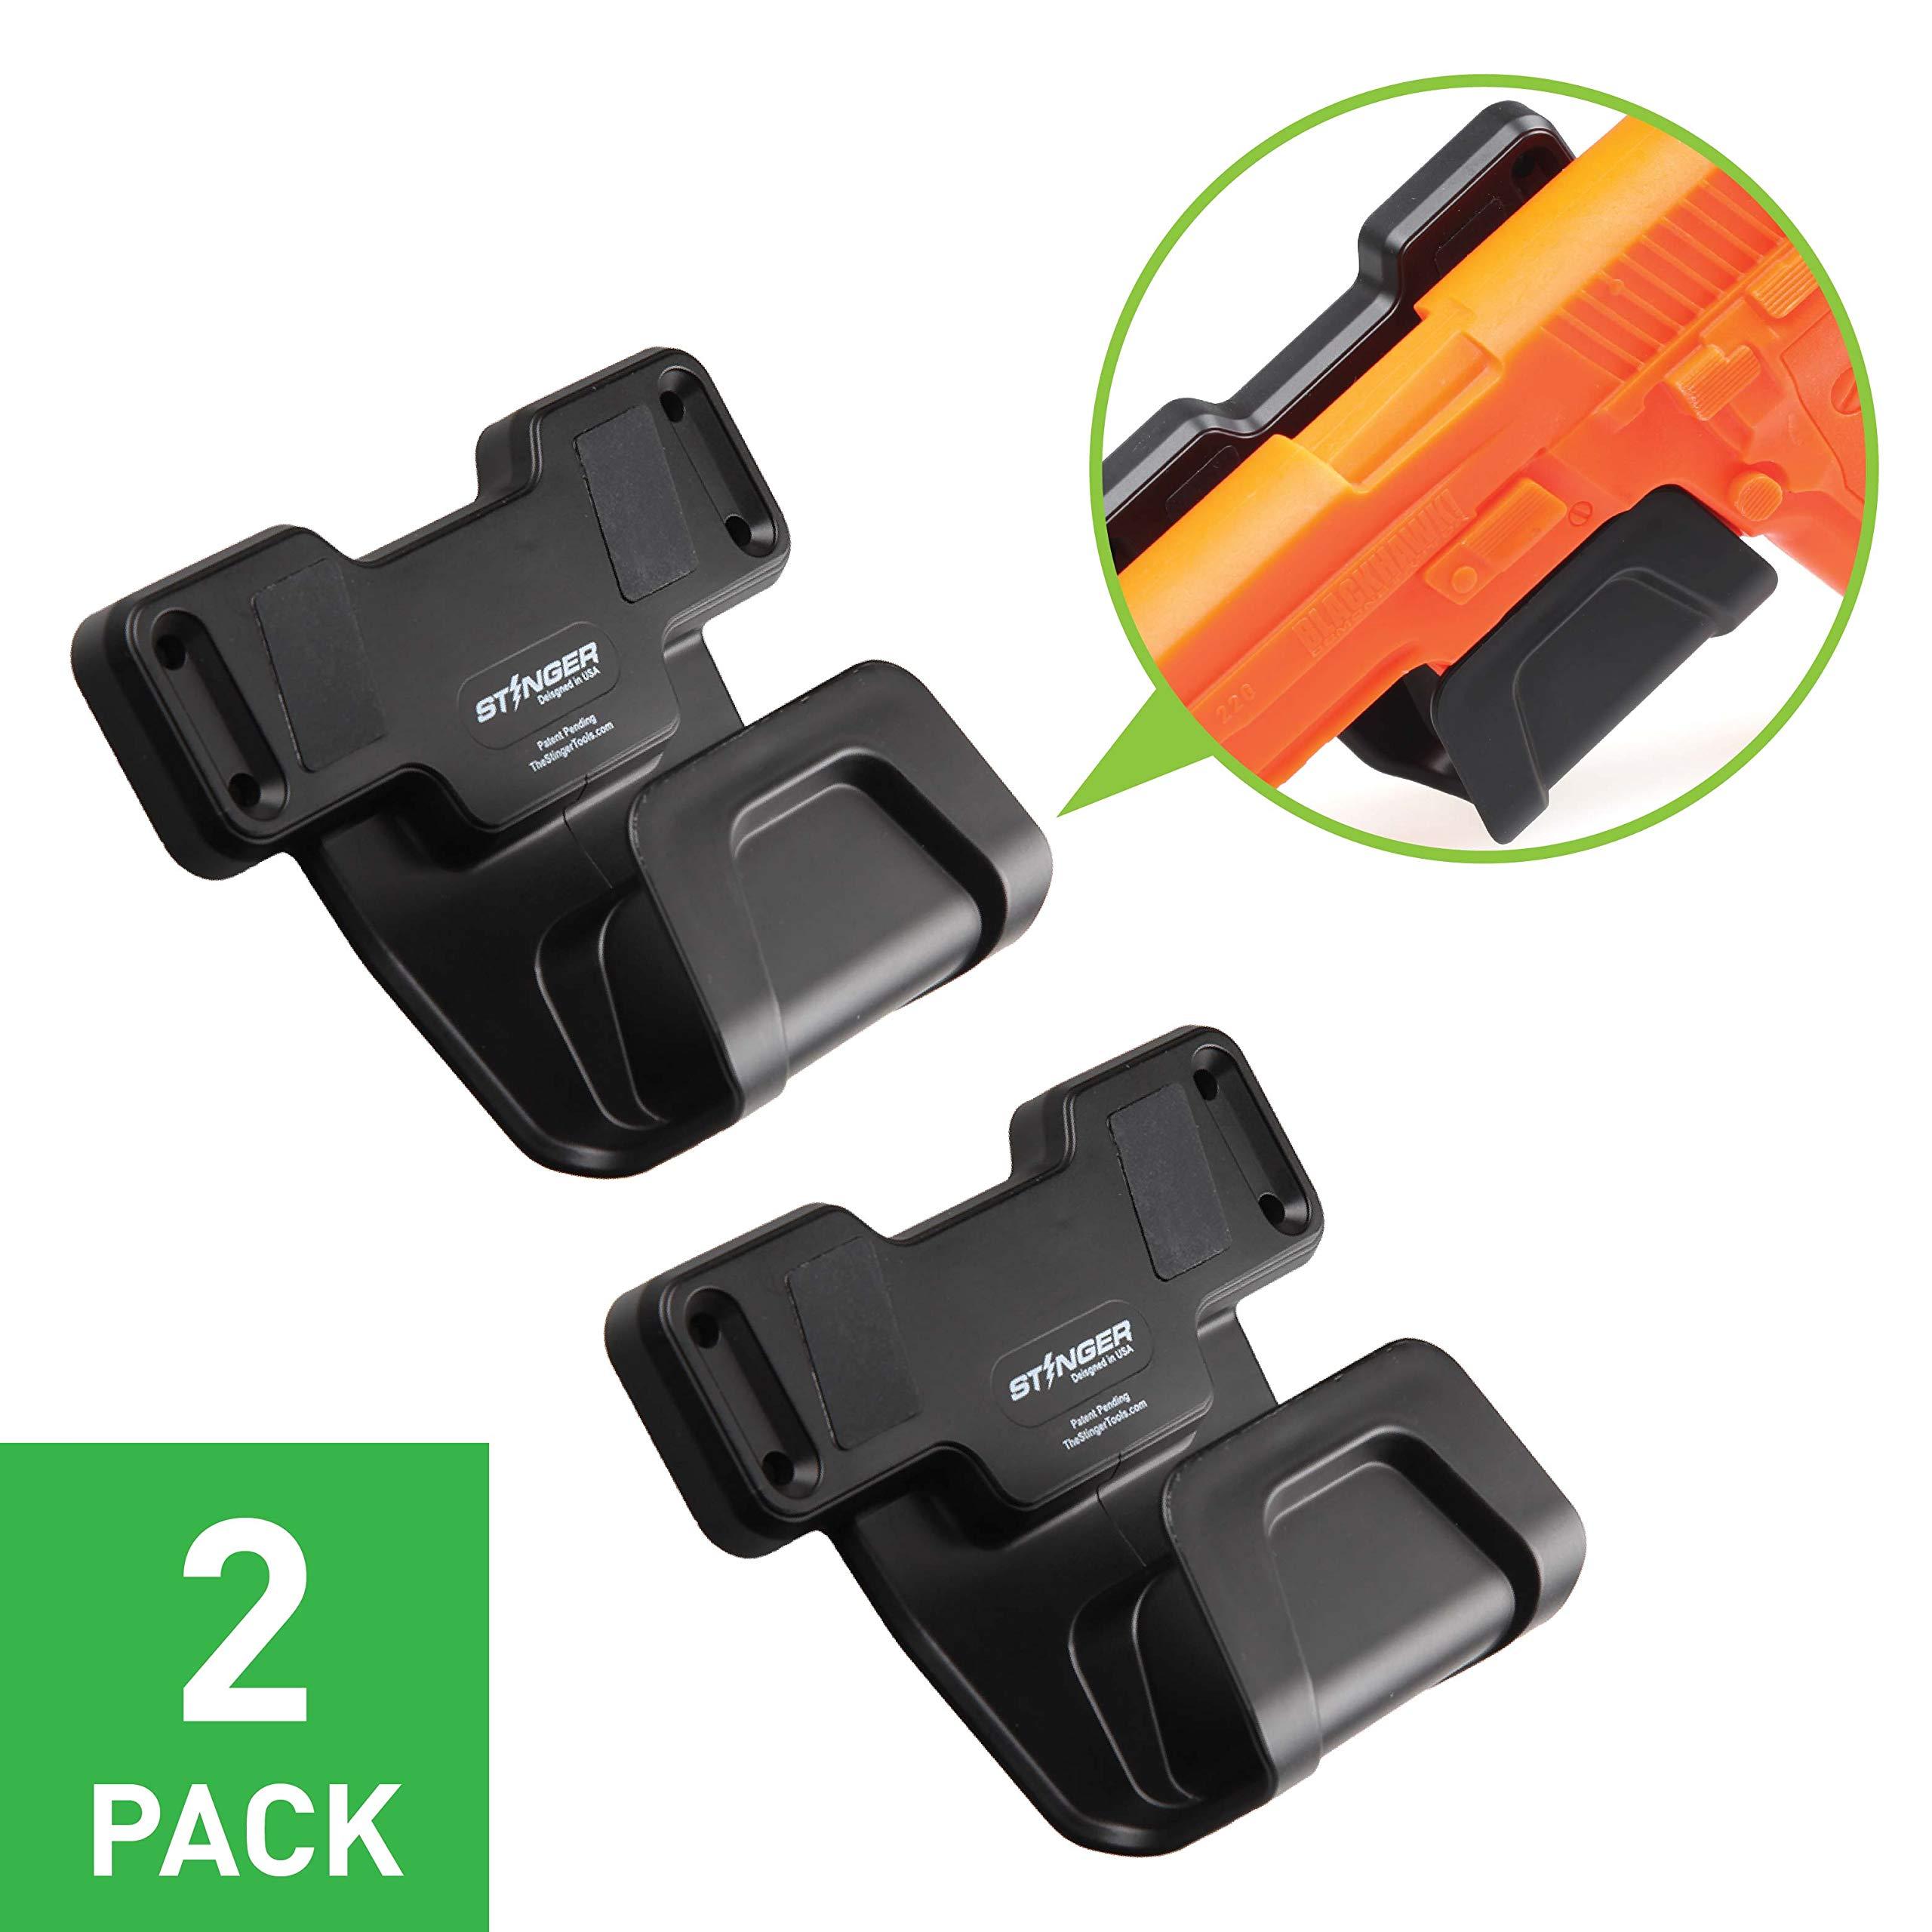 Stinger Safety Trigger Guard Protection Magnetic Gun Holder, Easy Conceal in Car, Truck, Vehicle, Desks, Safes, Walls, Handgun Rifle Shotgun Pistol Revolver, Gun Mount Rack (2 Pack) by Stinger